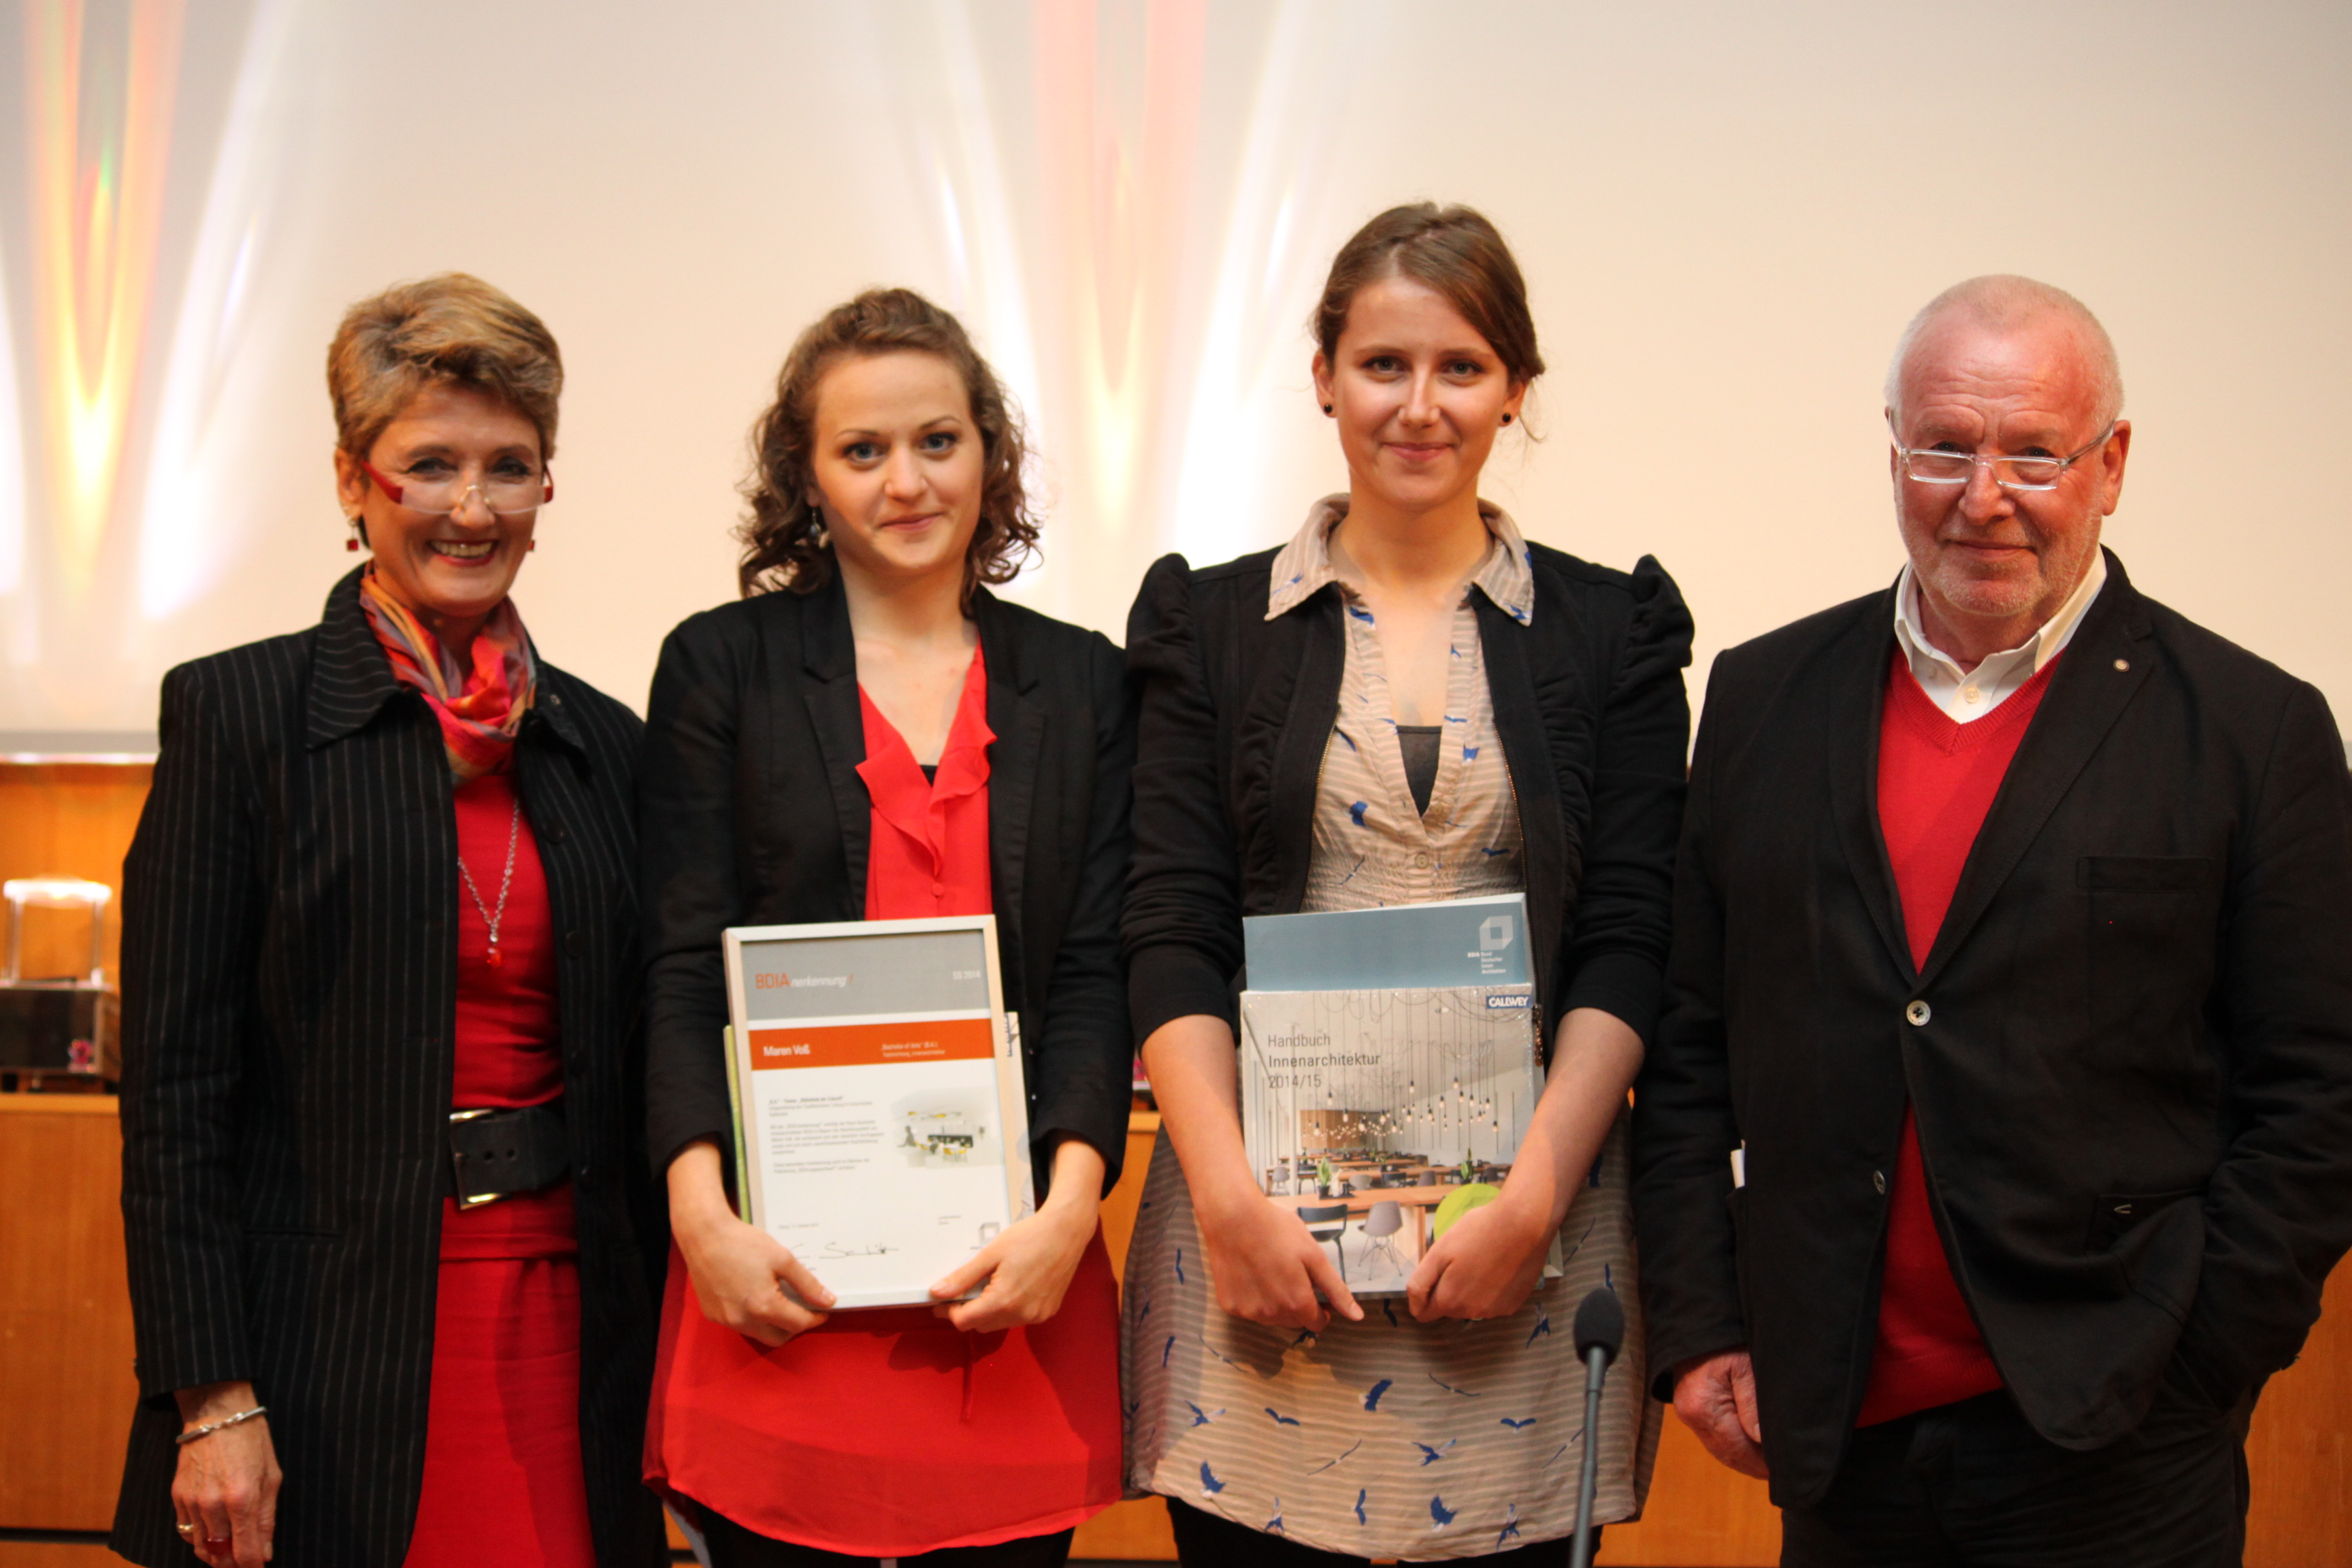 Mitgliederversammlung in coburg bdiausgezeichnet bdia for Studiengang innenarchitektur